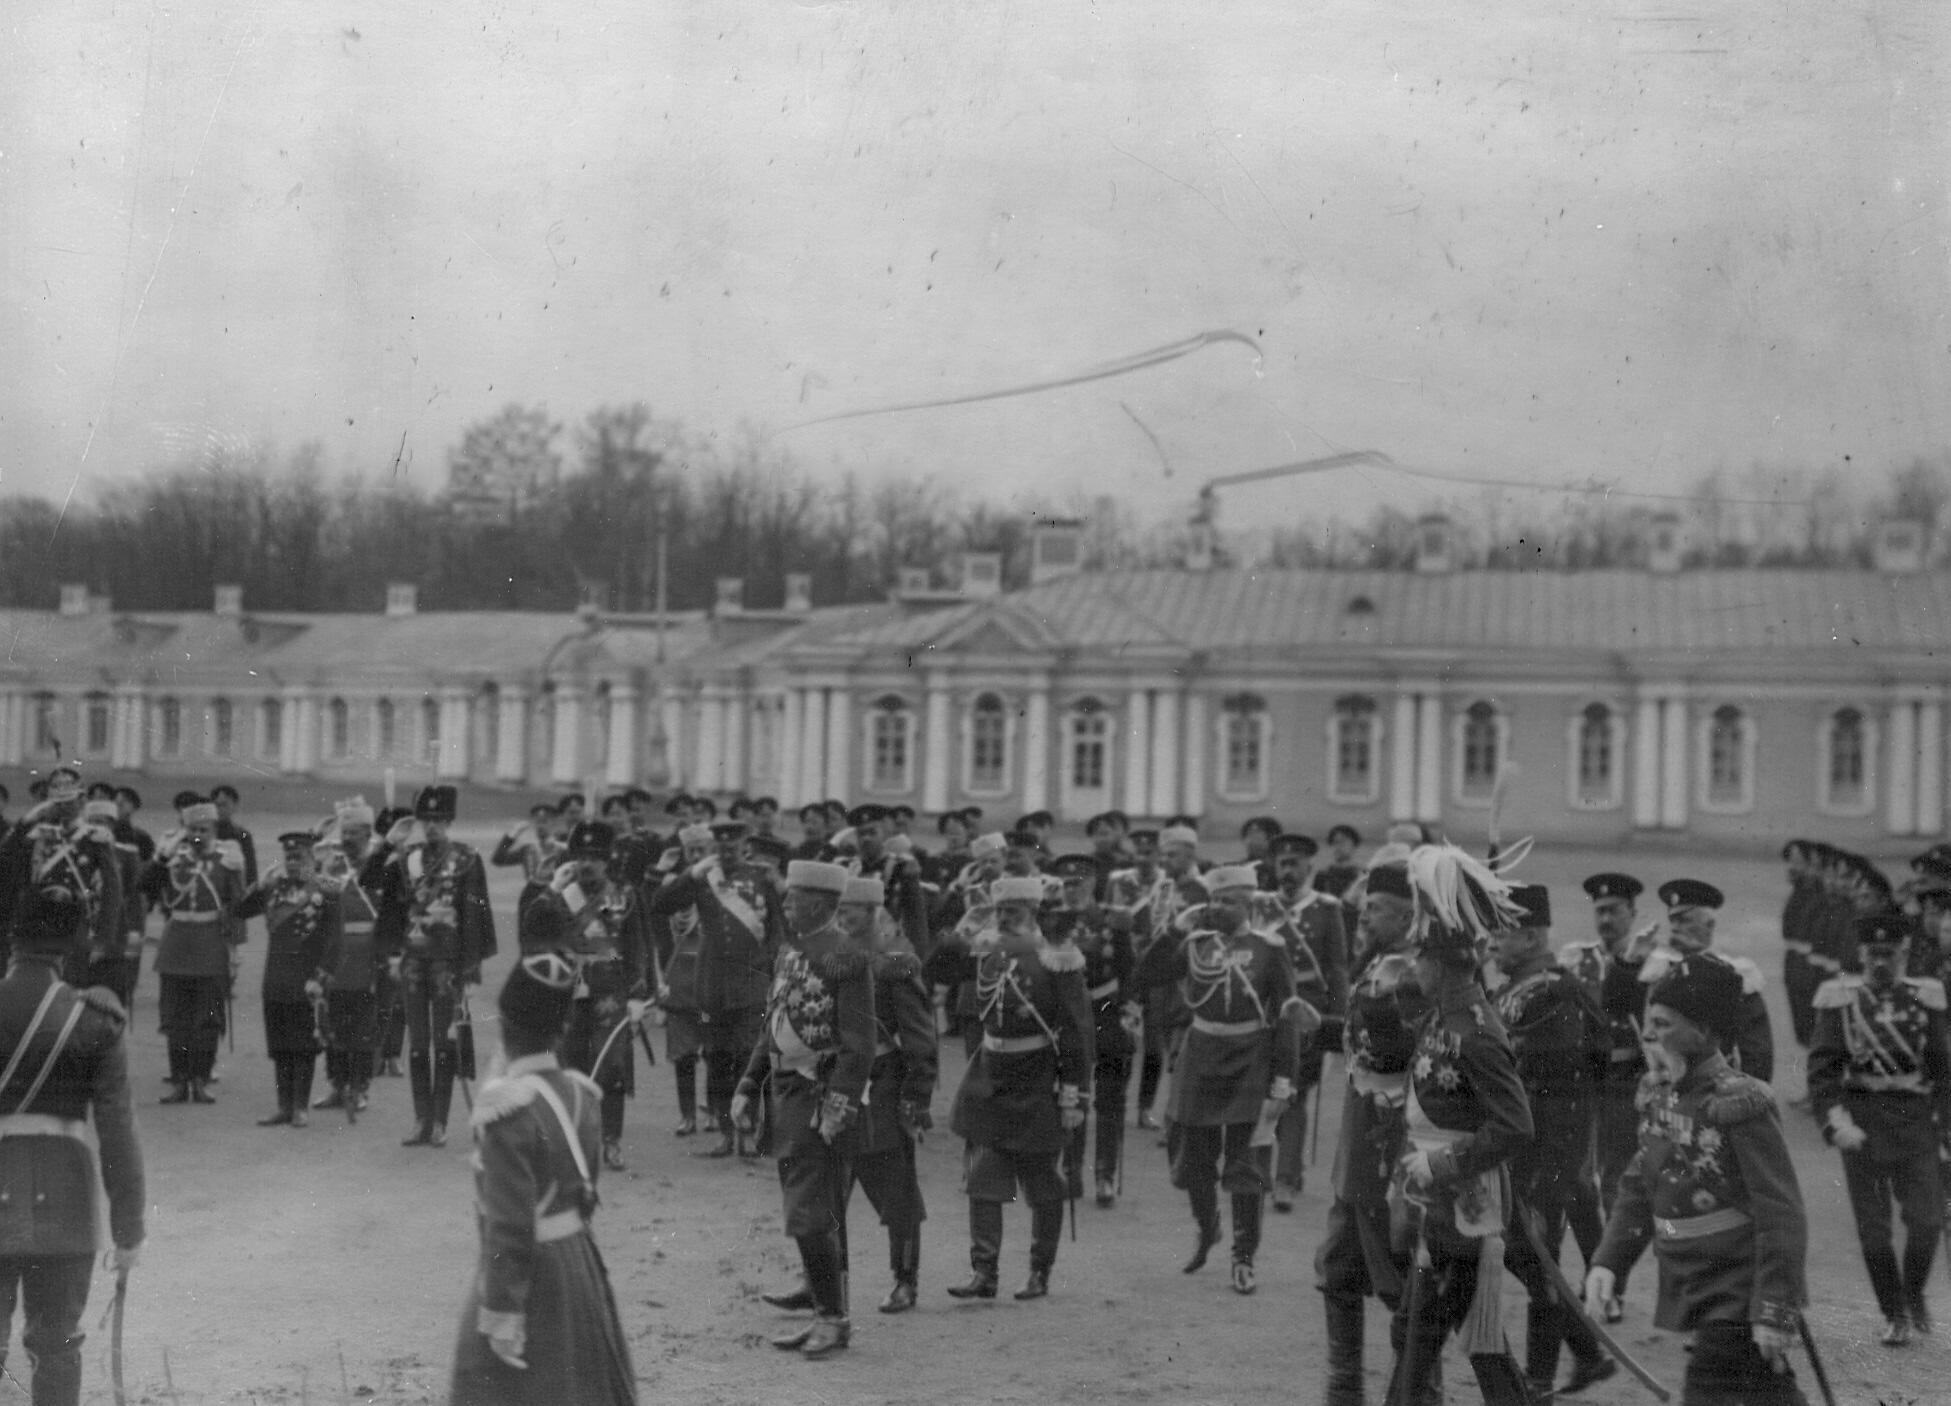 Группа членов свиты и высшего командного состава  2-го Царскосельского стрелкового батальона на параде. 17 апреля 1909